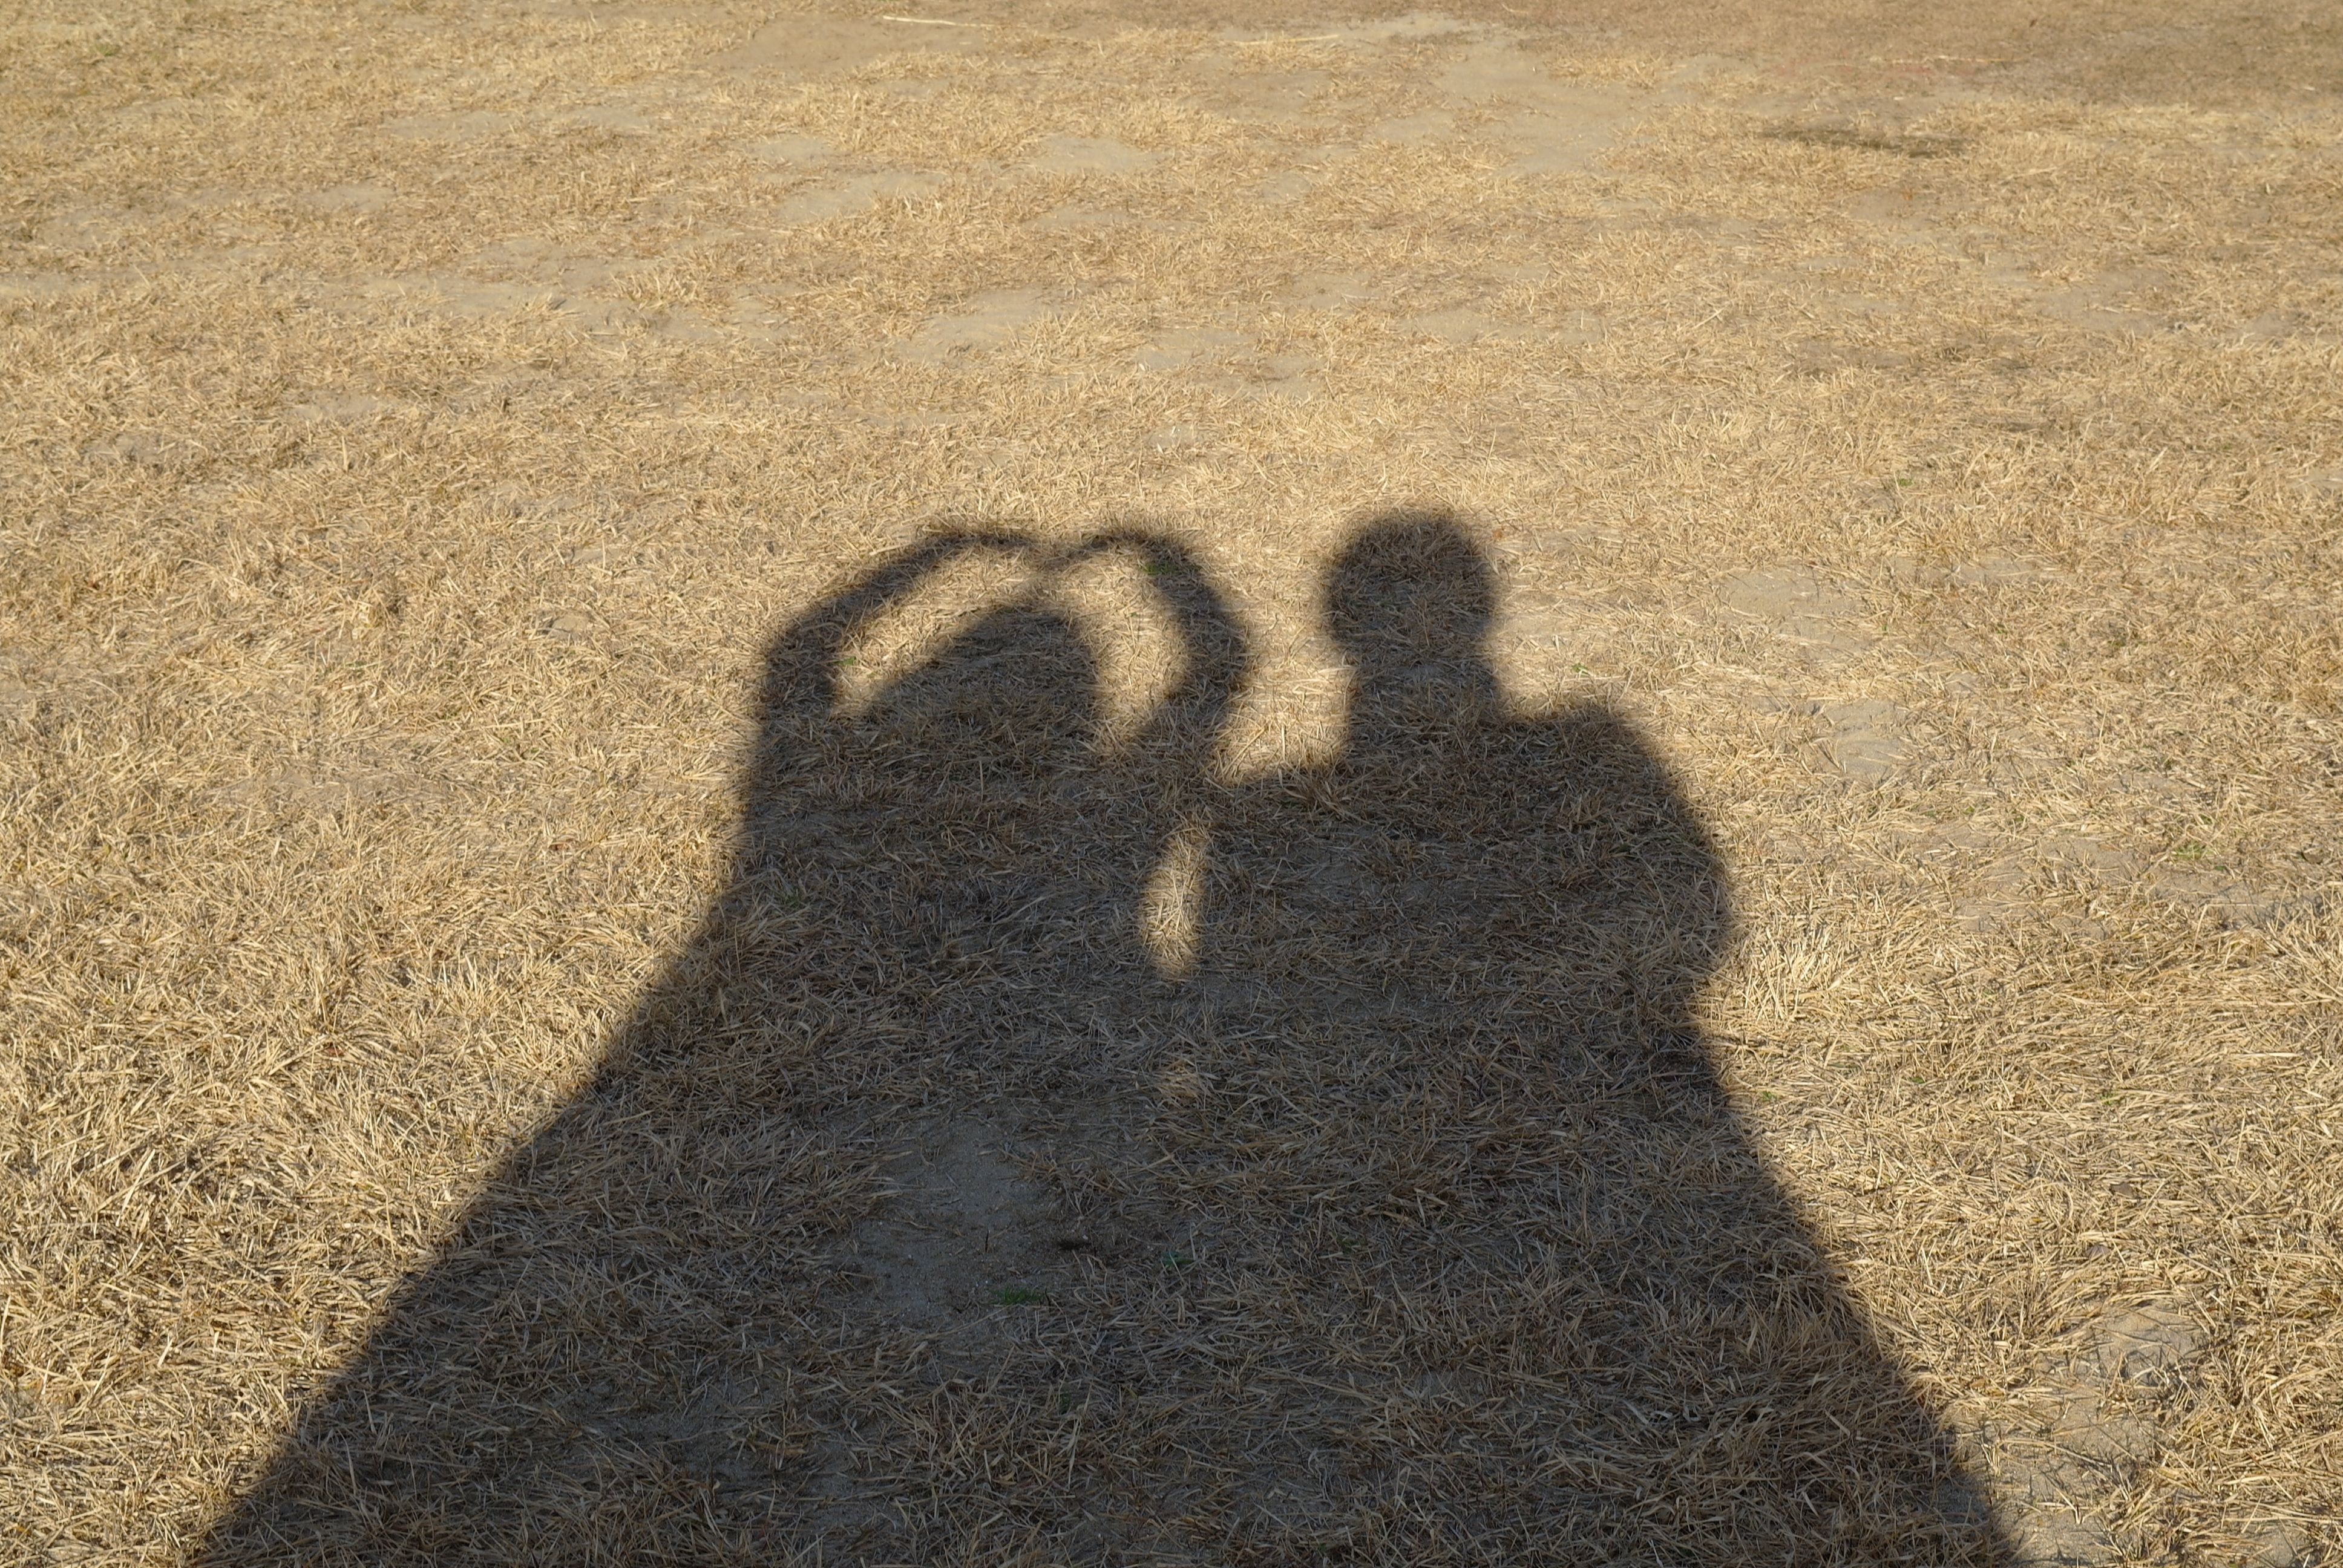 여러~분~~ 오늘 하루 사랑이 포텐터지길~♥  화창한 햇살이 비추는 오늘.. 마음에 아지랑이처럼 사랑이 솟아나길..  #우리닷컴은 항상 여러분을 사랑합니다.~ 유후